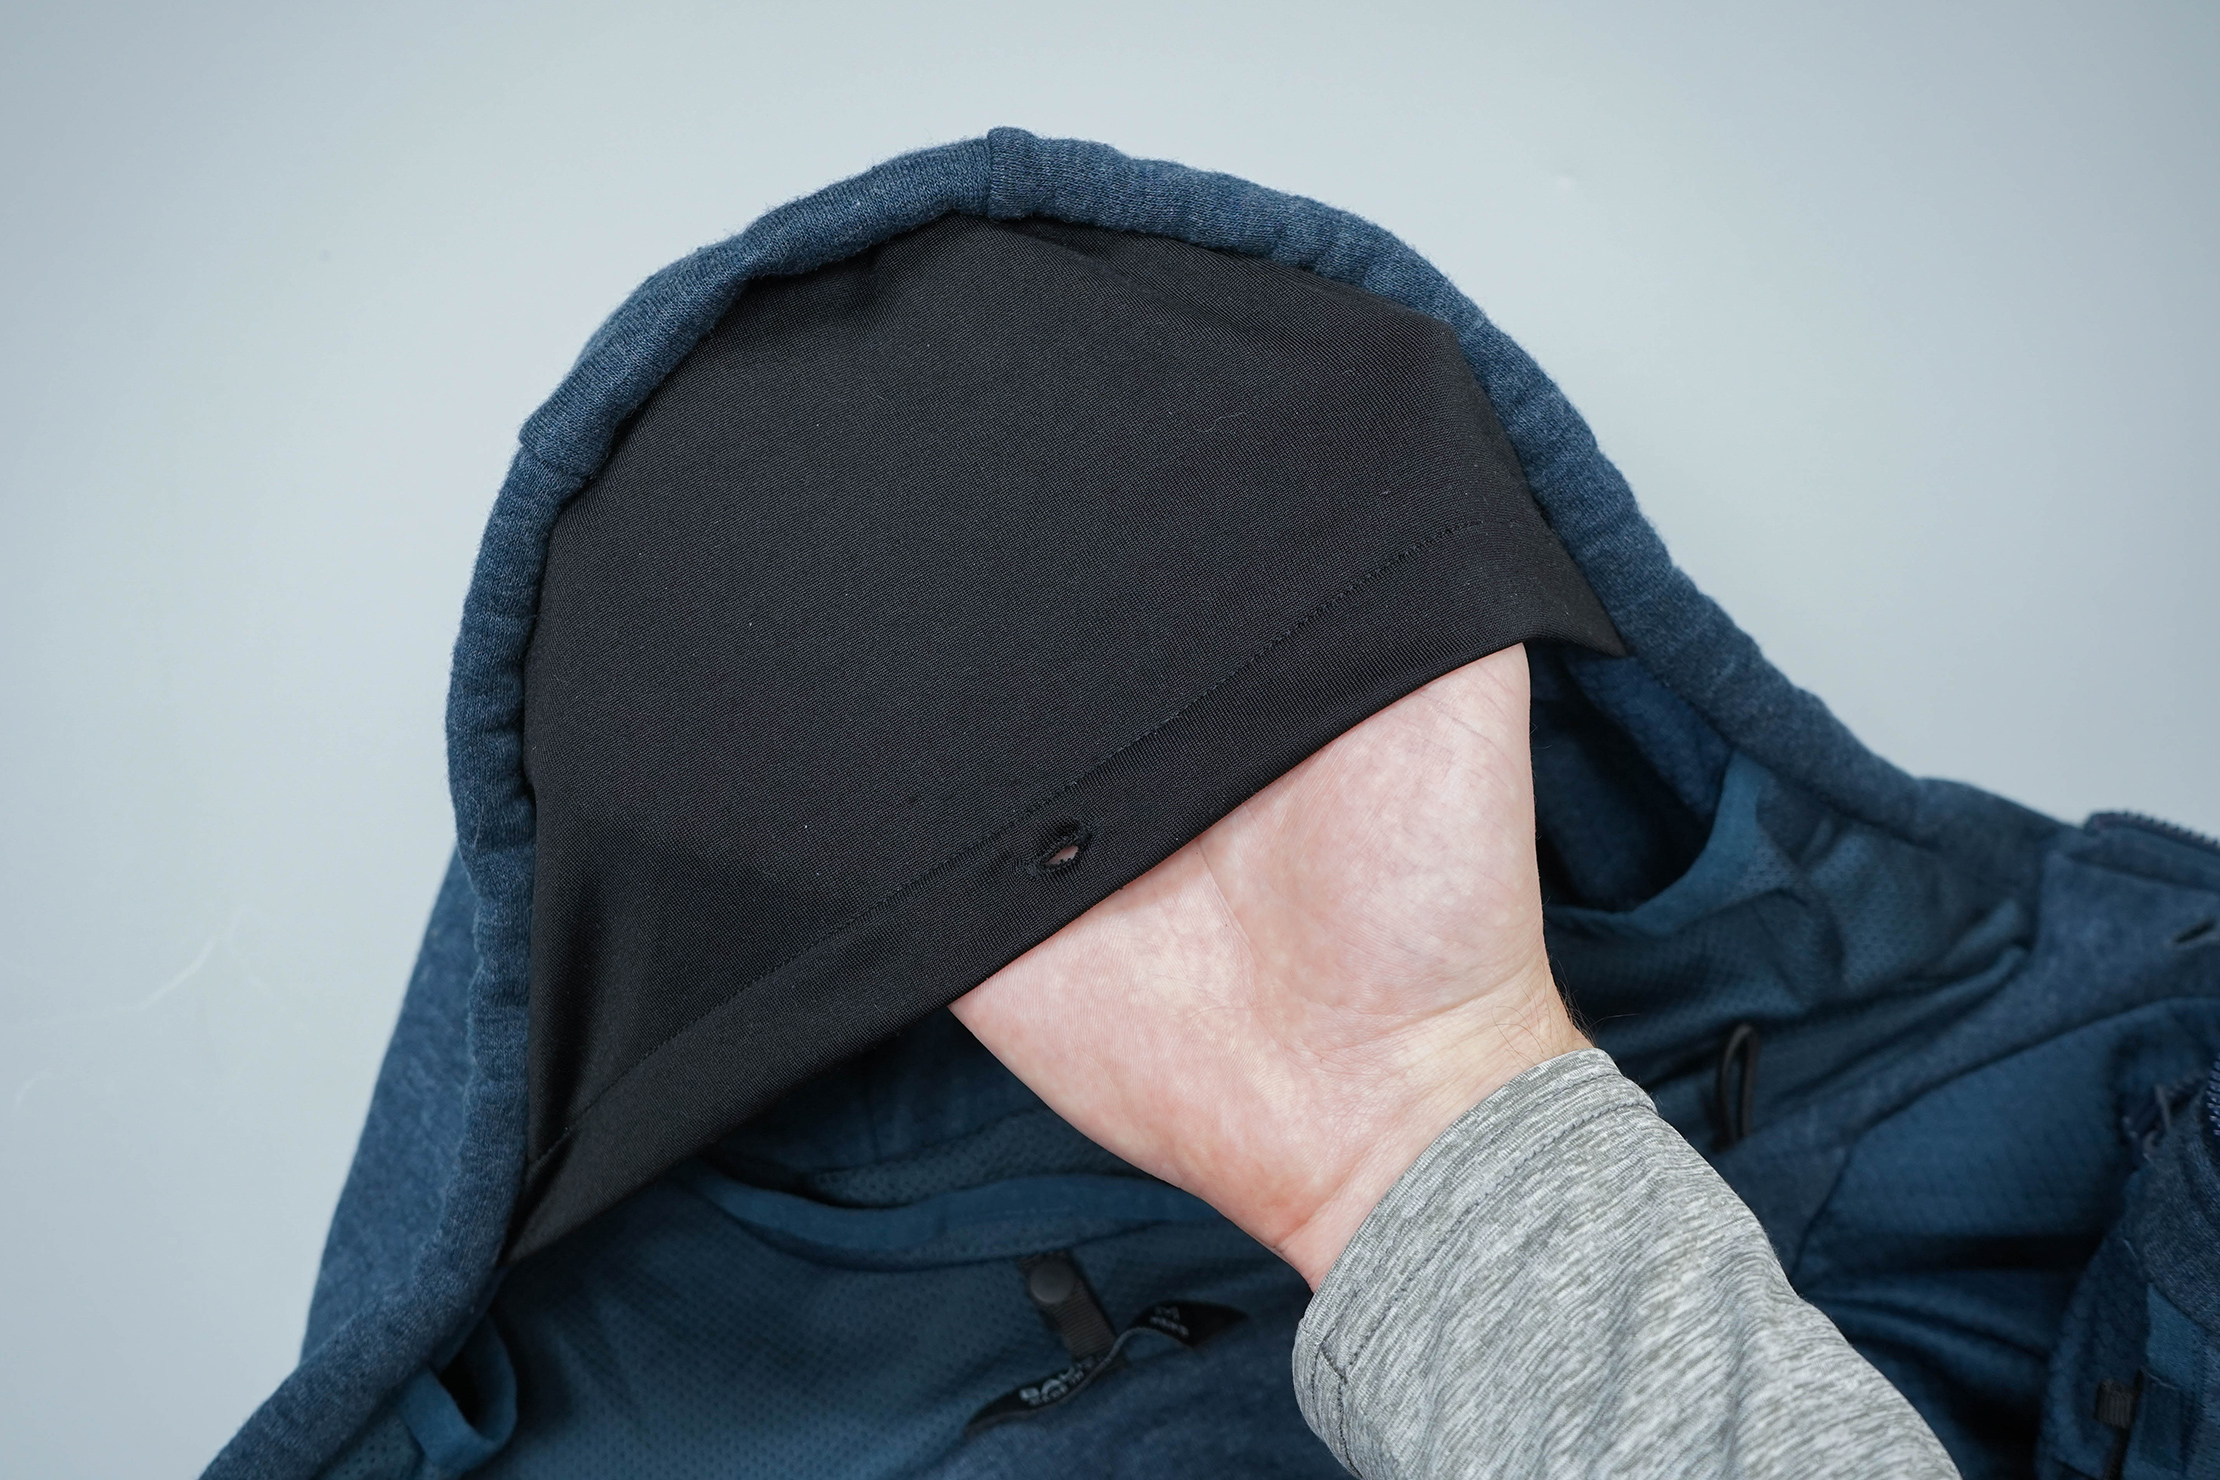 BauBax Sweatshirt 2.0 Eye Mask